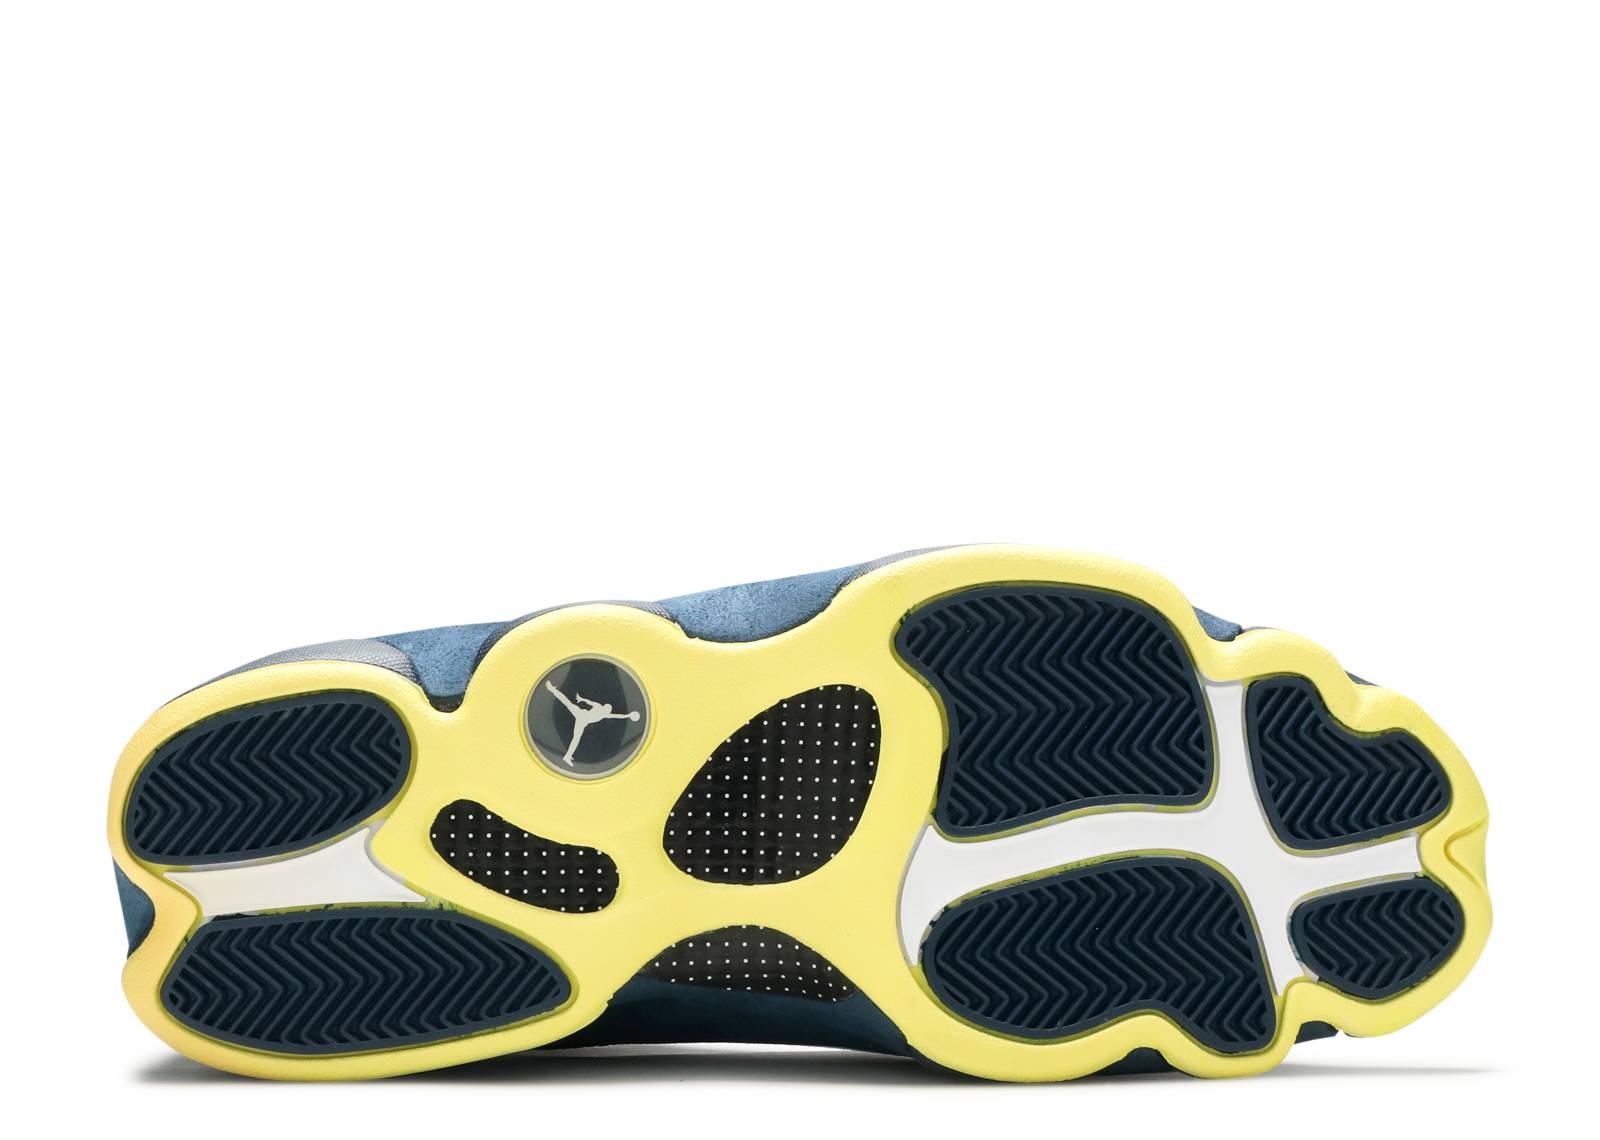 f5e0f860f3d5 Air Jordan 13 Retro